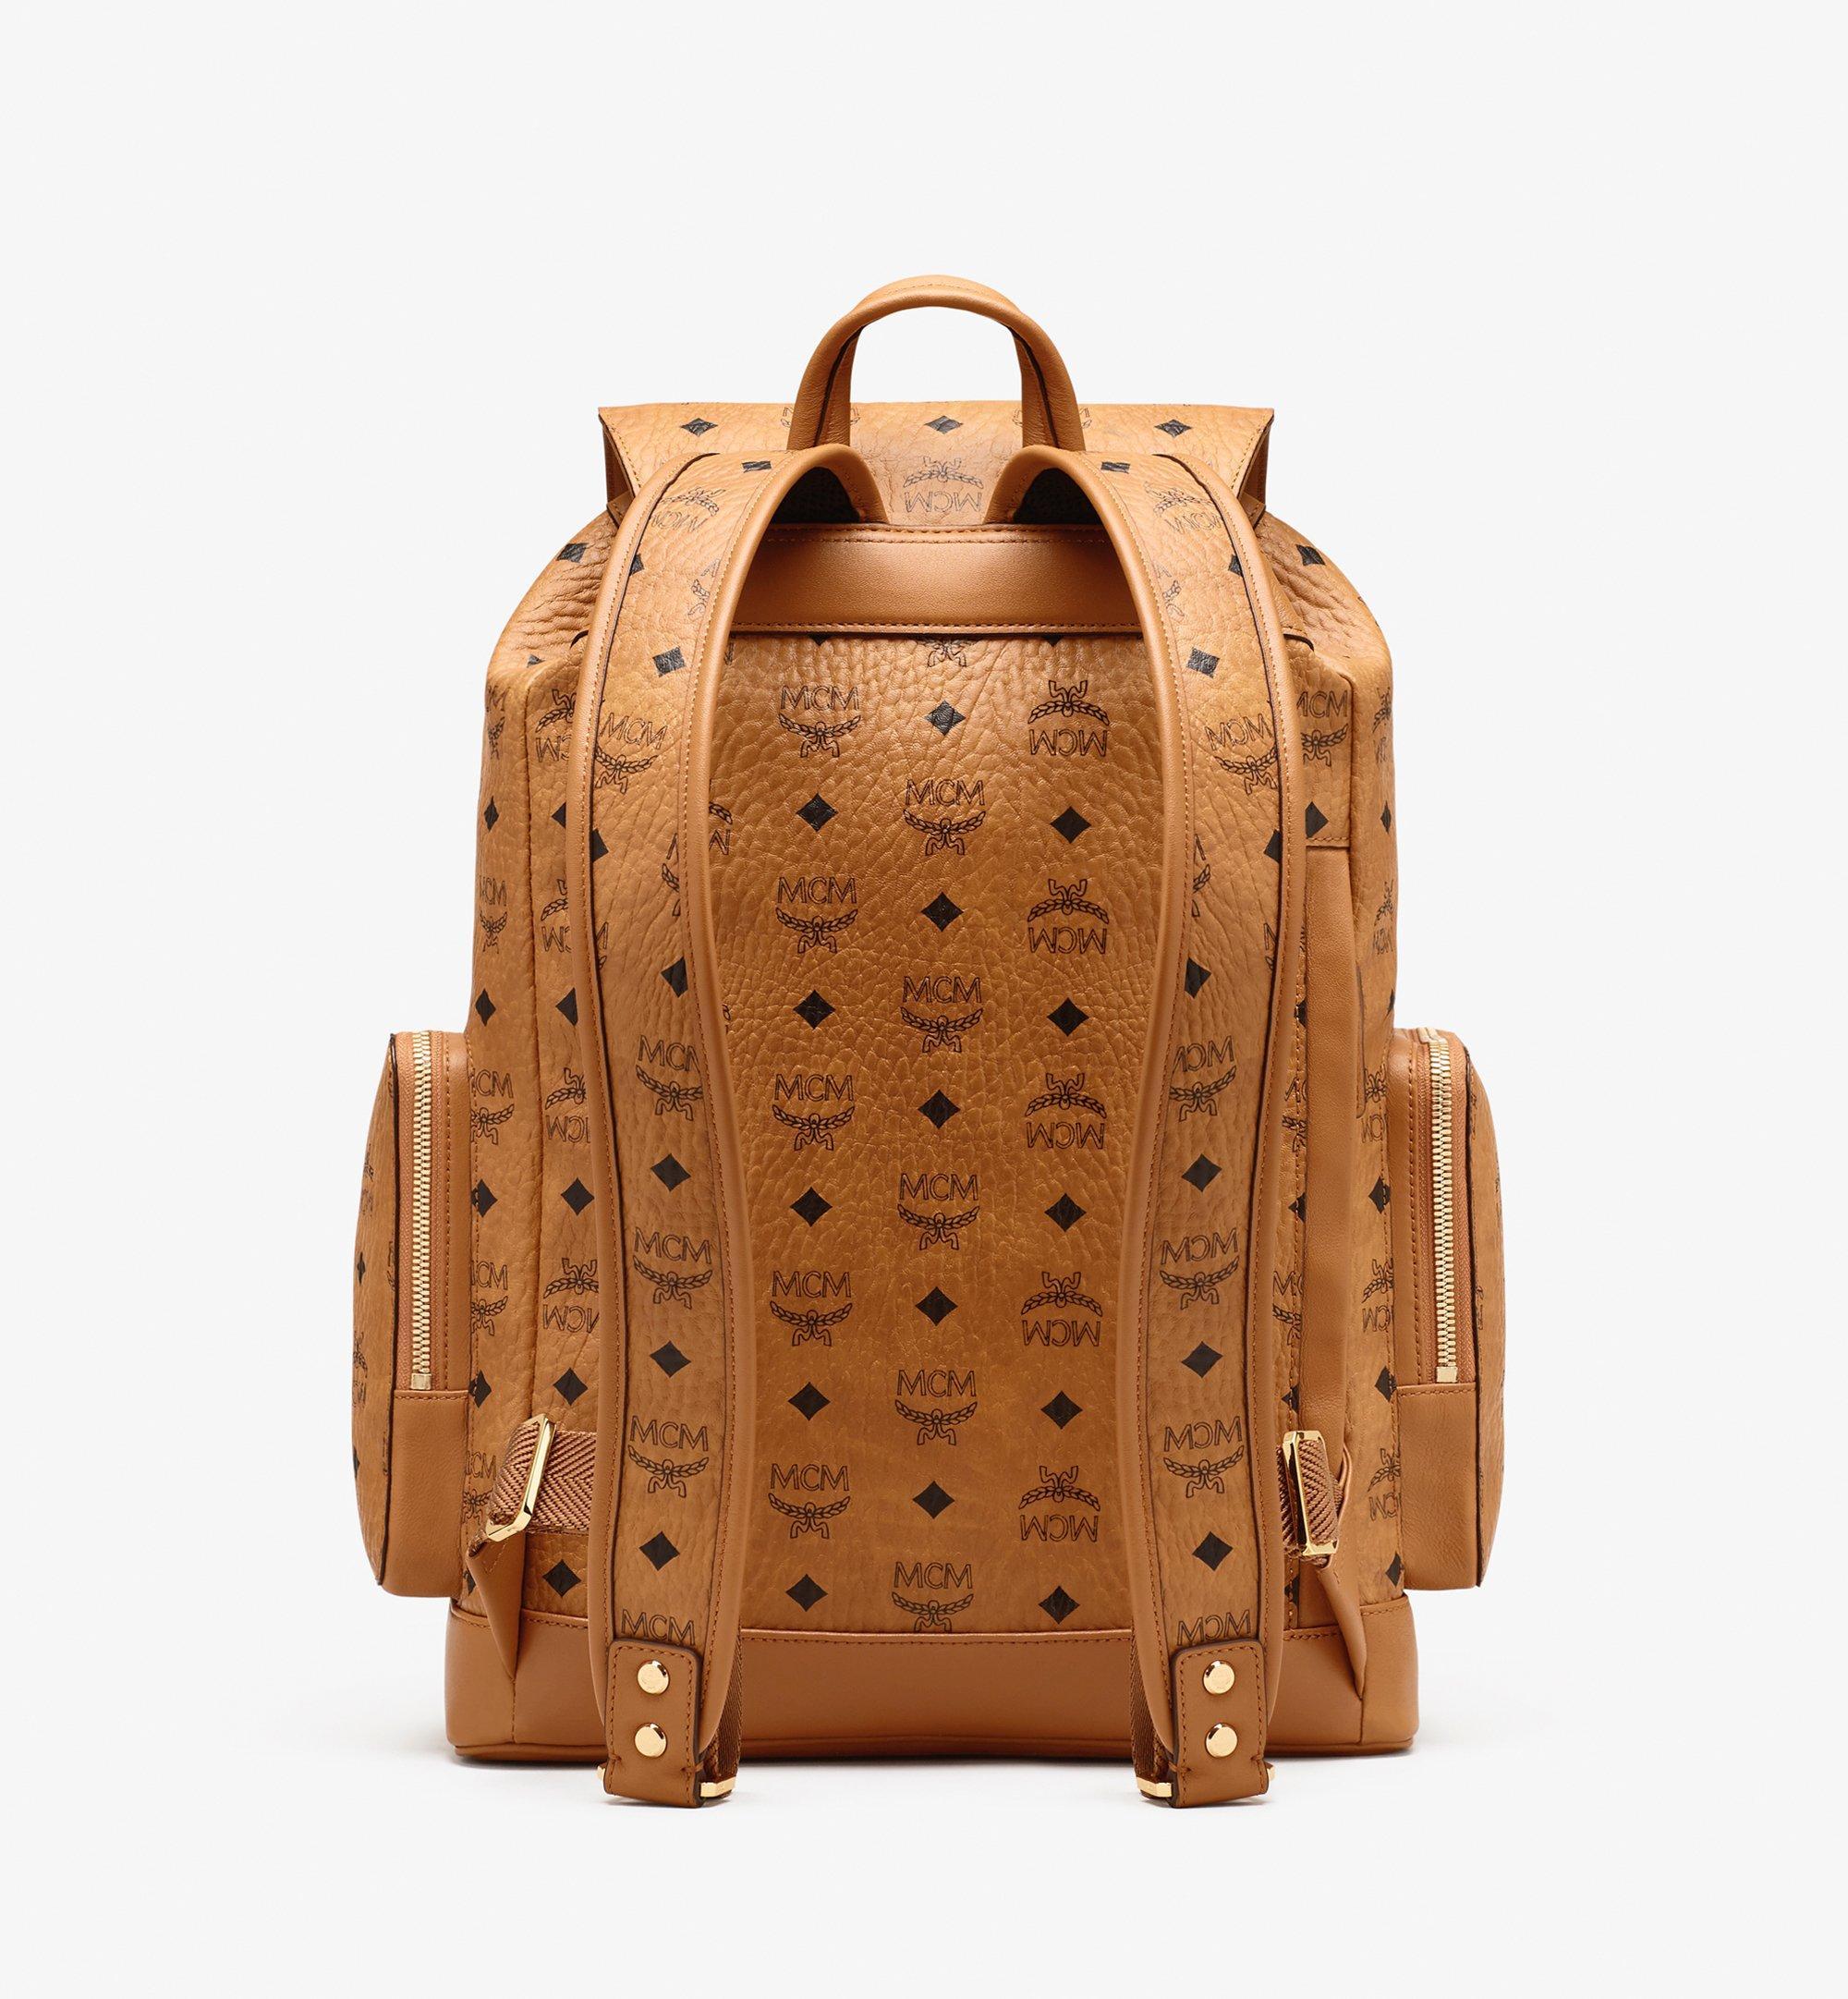 MCM Brandenburg Backpack in Visetos Cognac MMKASBG04CO001 Alternate View 2